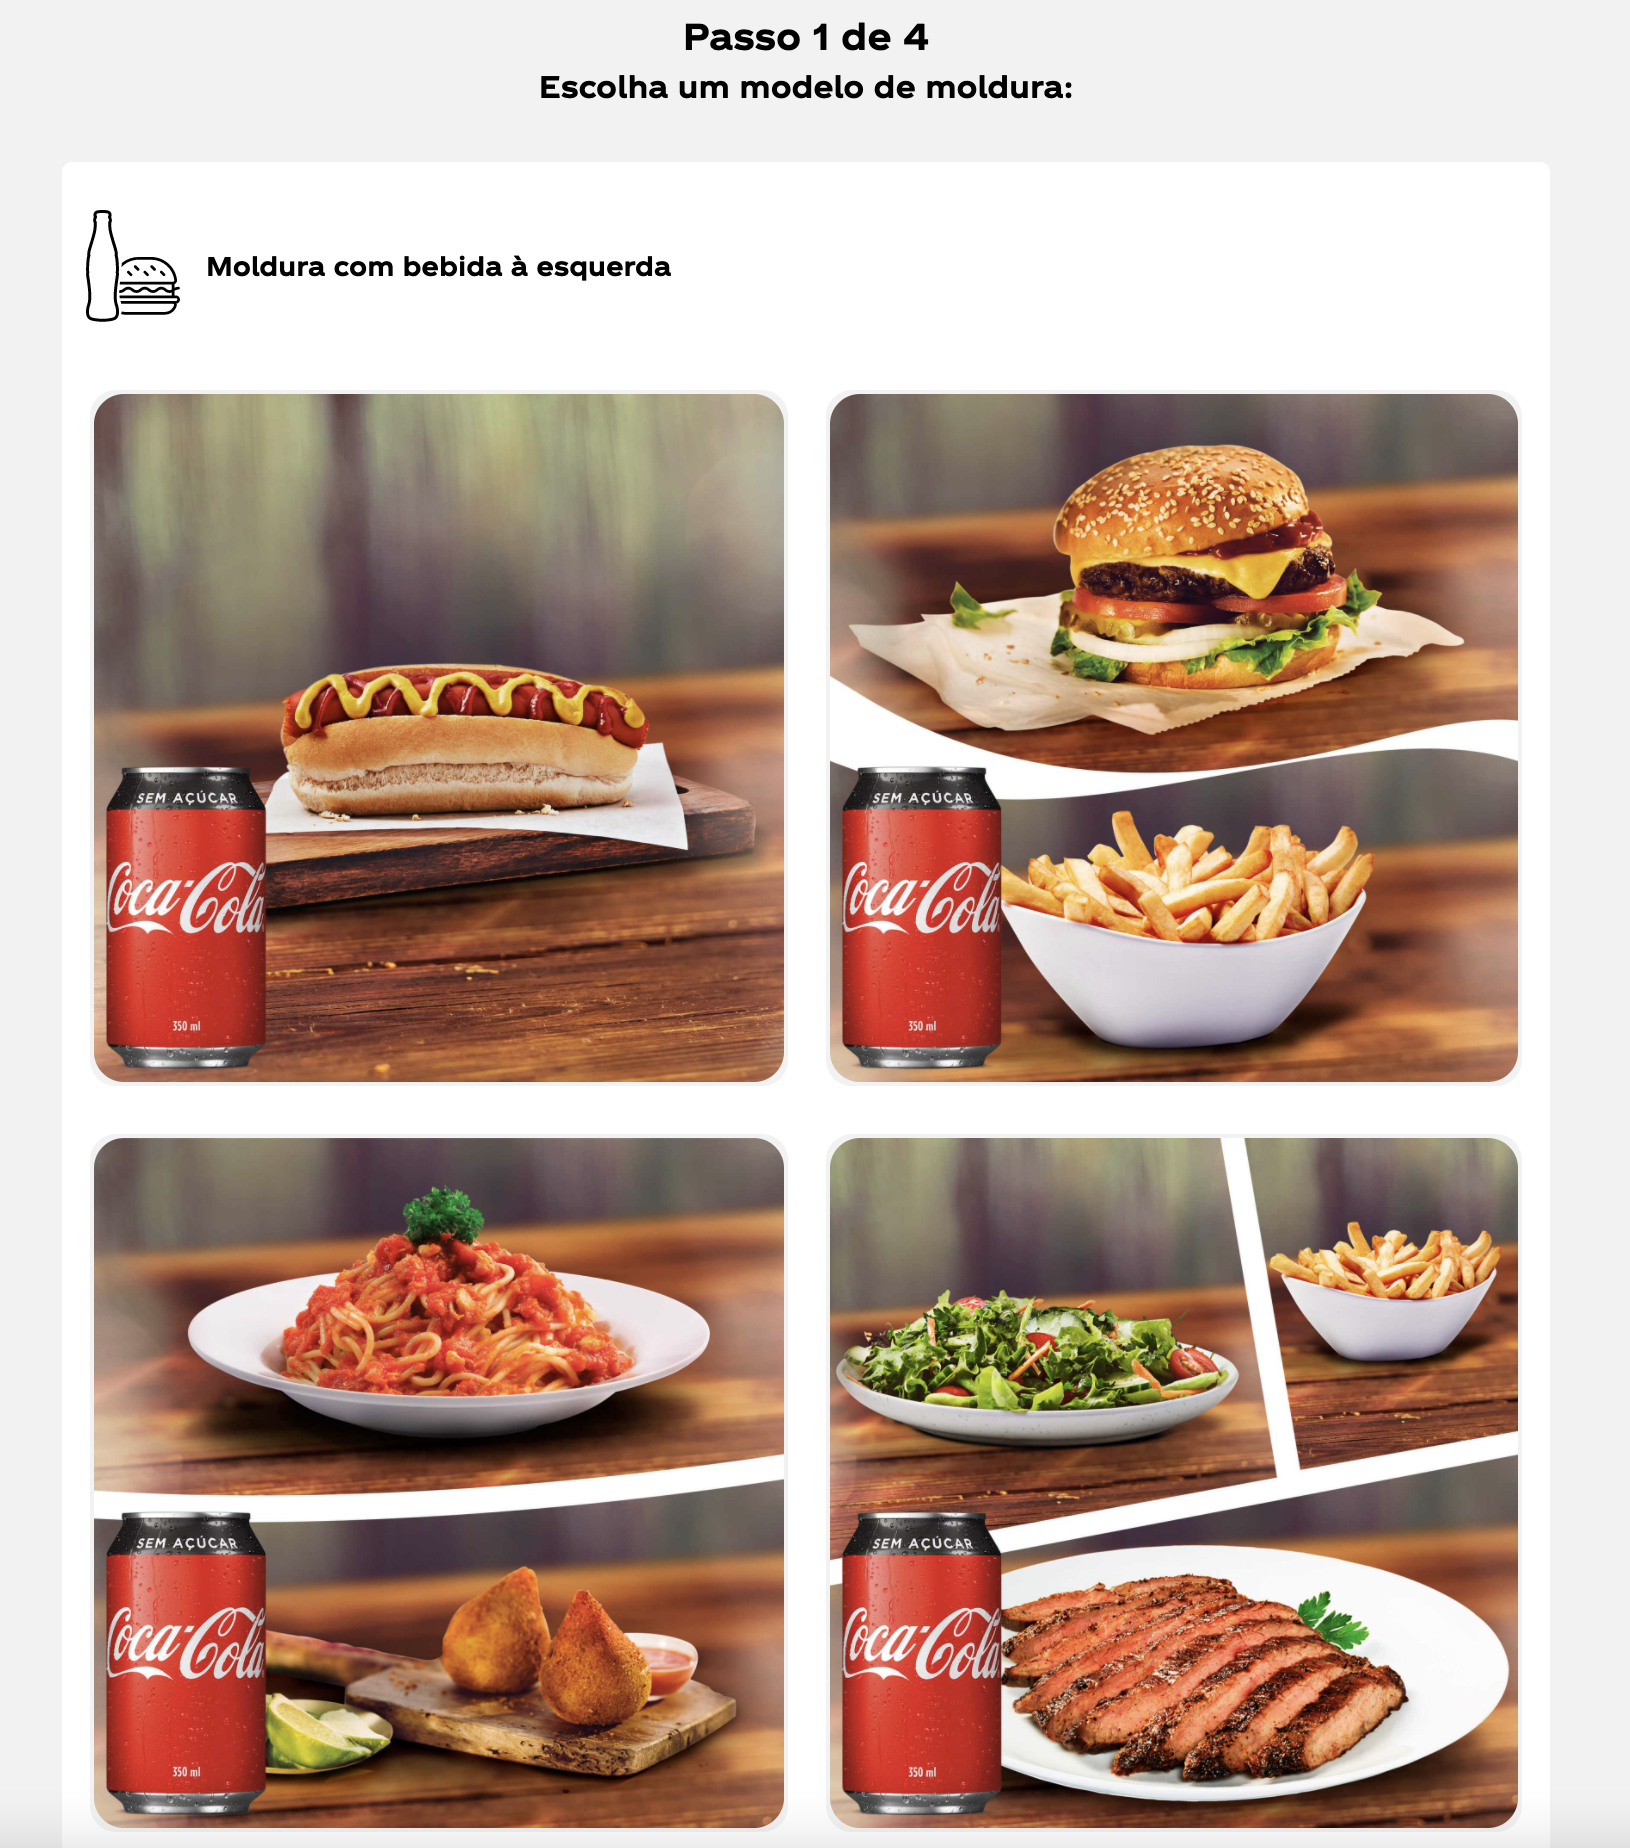 Imagem mostrando as etapas para criação do encarte. Há 4 fotos que podem ser selecionadas. Na primeira, há um cachorro quente junto à uma lata de Coca-Cola. Na segunda, há hambúrguer com batatas-fritas e uma lata de Coca-Cola. Na terceira há um prato com macarrão e, ao lado, coxinhas de frango. Na quarta há um prato com salada, outro prato com carne cortadas em tiras e batatas-fritas.